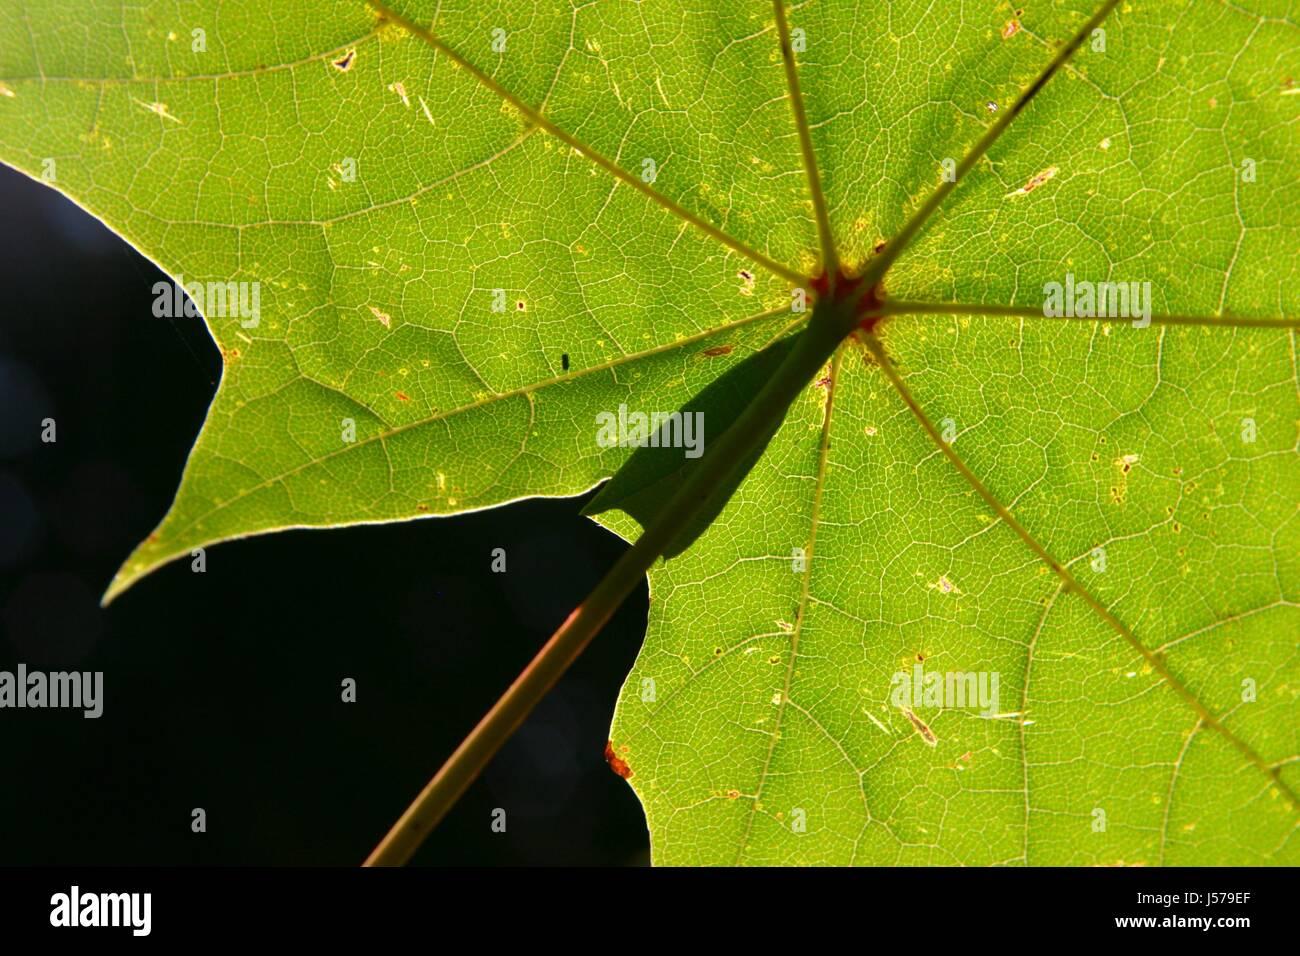 Genial Grüne Pflanzen Foto Von Grüne Chlorophyll Vene Blatt Venen Verzweigung Gewebe